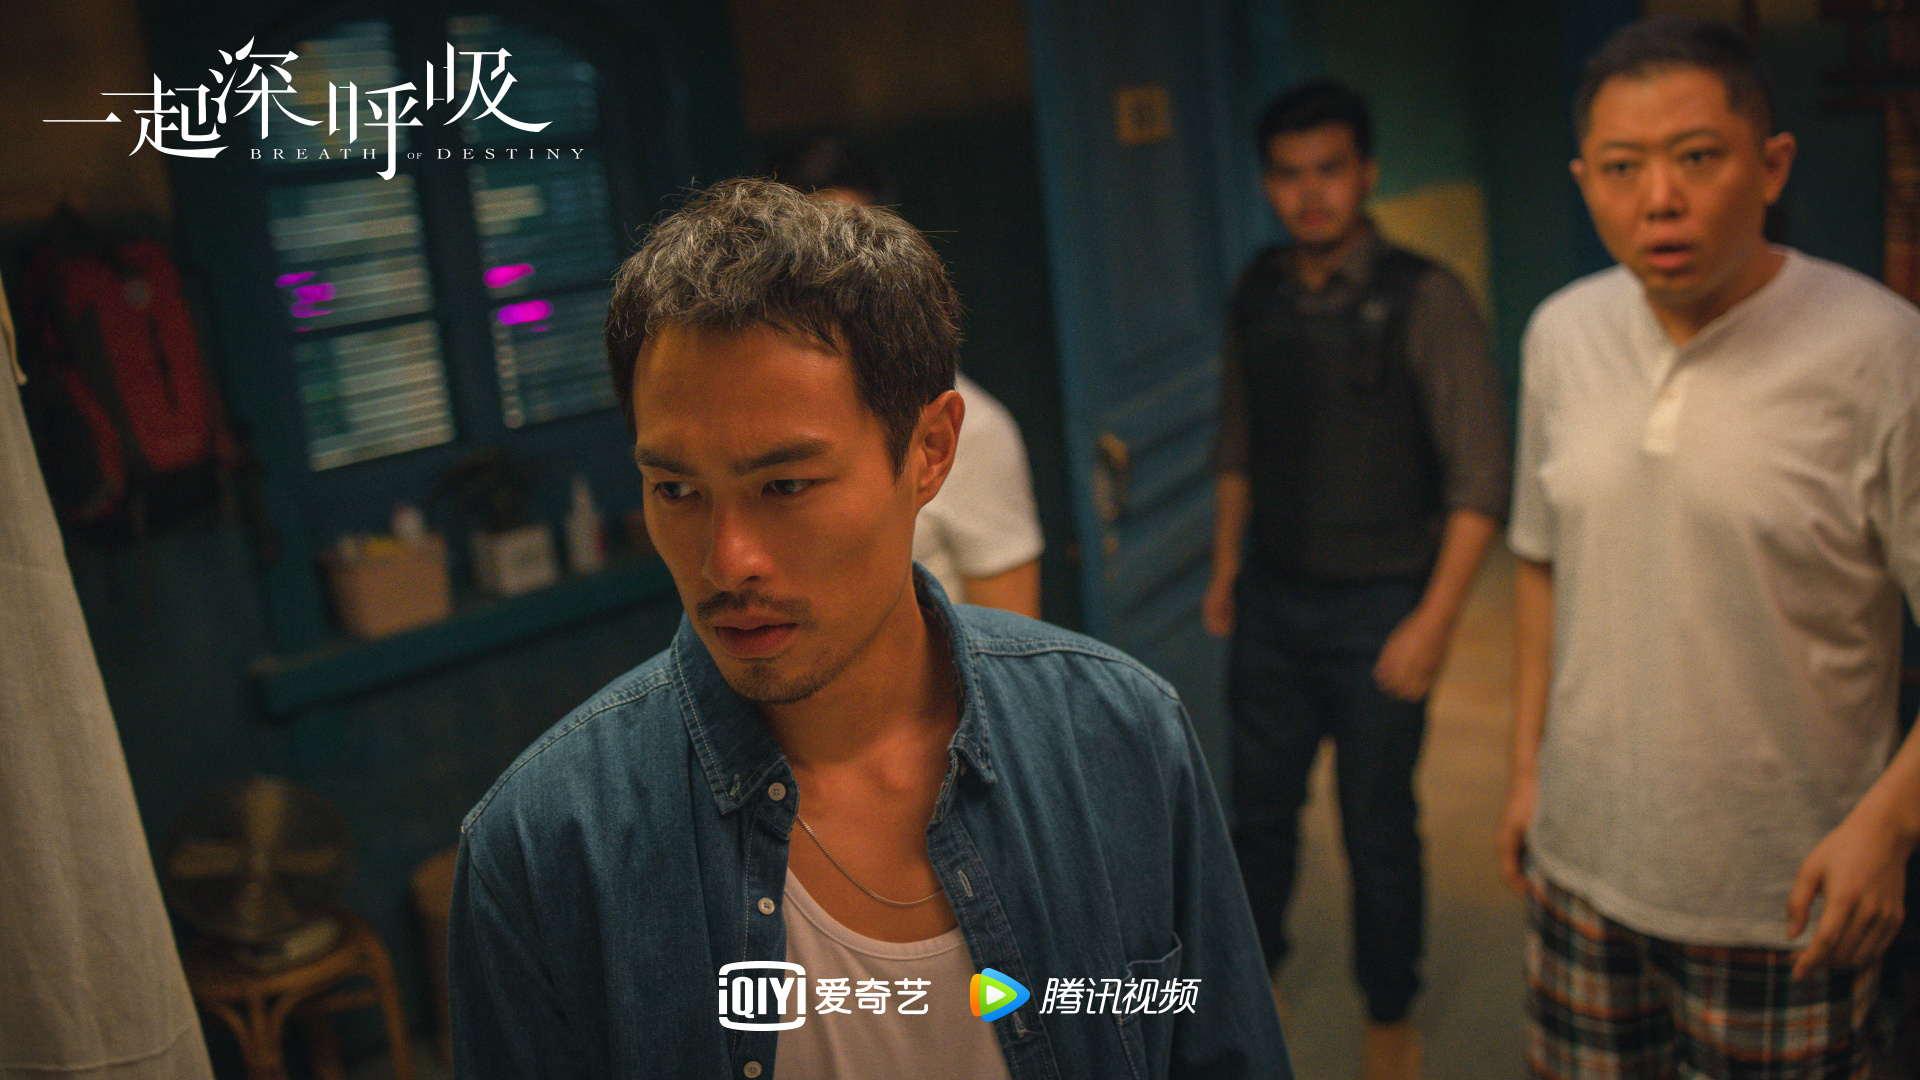 《一起深呼吸》热播 杨�v宁男友力爆棚制服造型受好